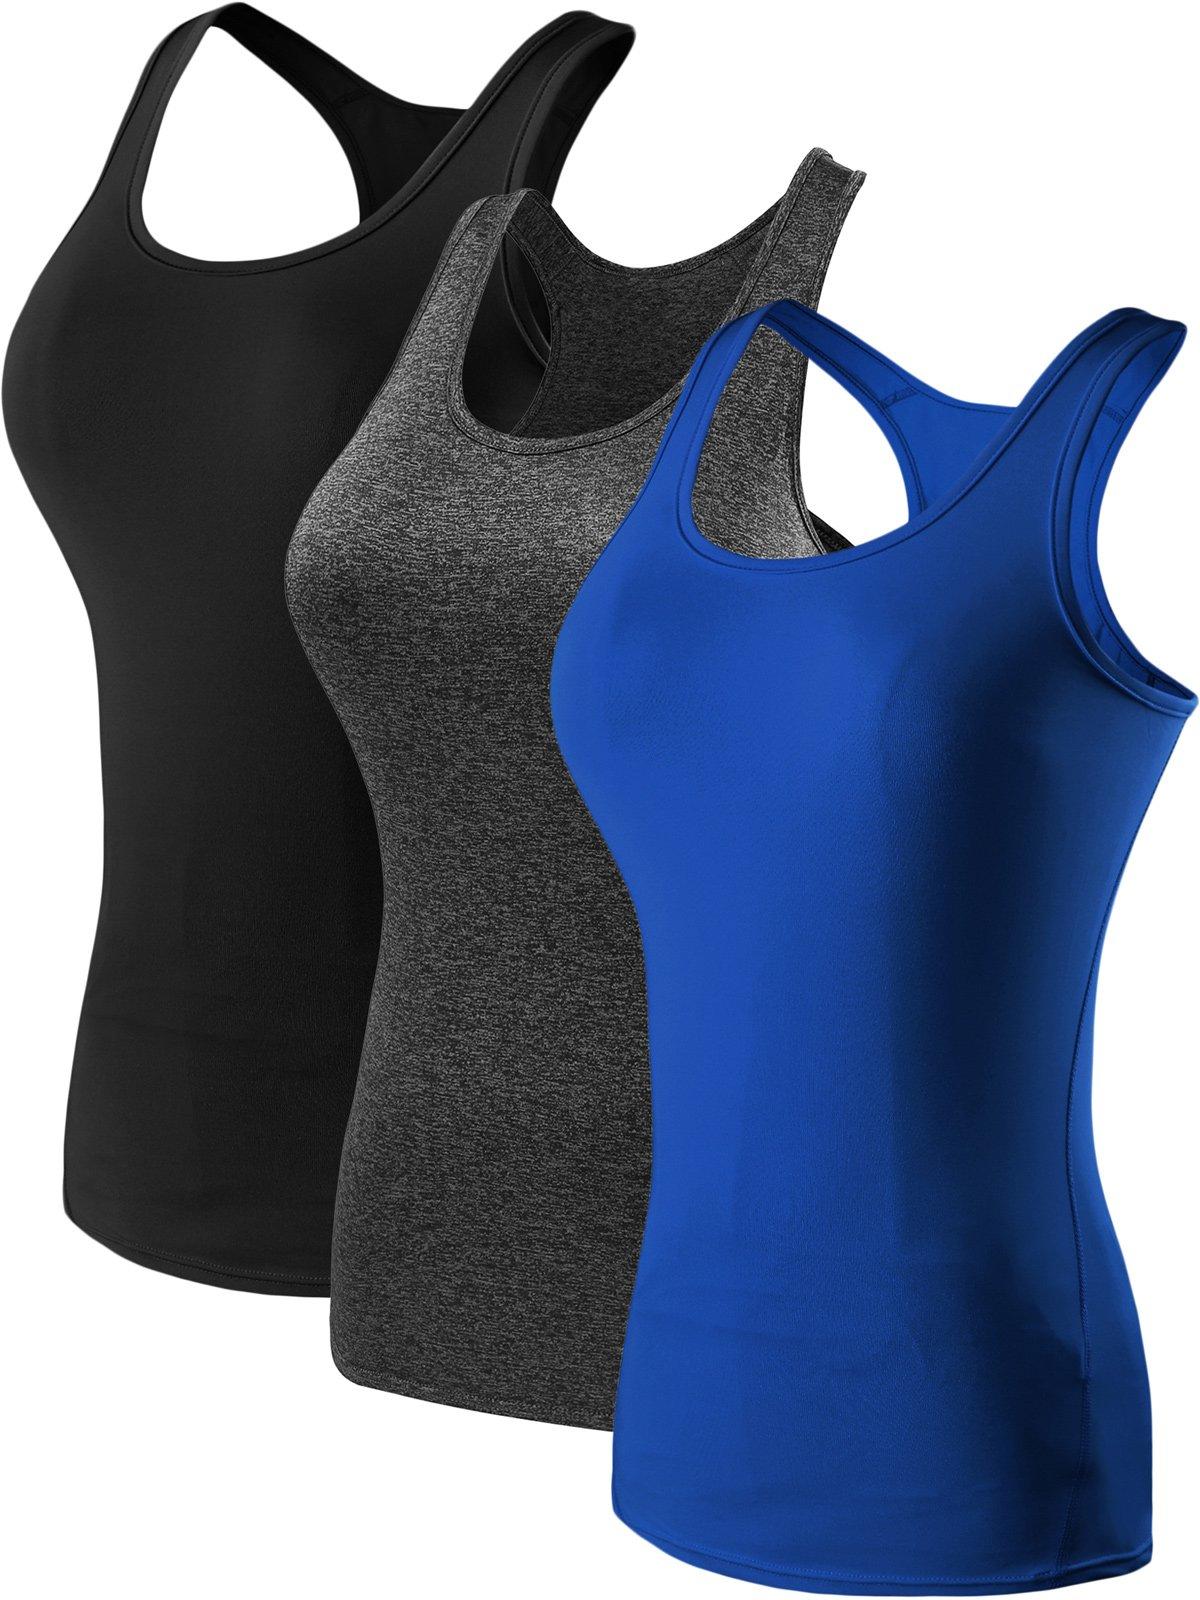 Neleus Women's 3 Pack Compression Athletic Dry Fit Long Tank Top,Black,Grey,Blue,US S,EUR M by Neleus (Image #1)